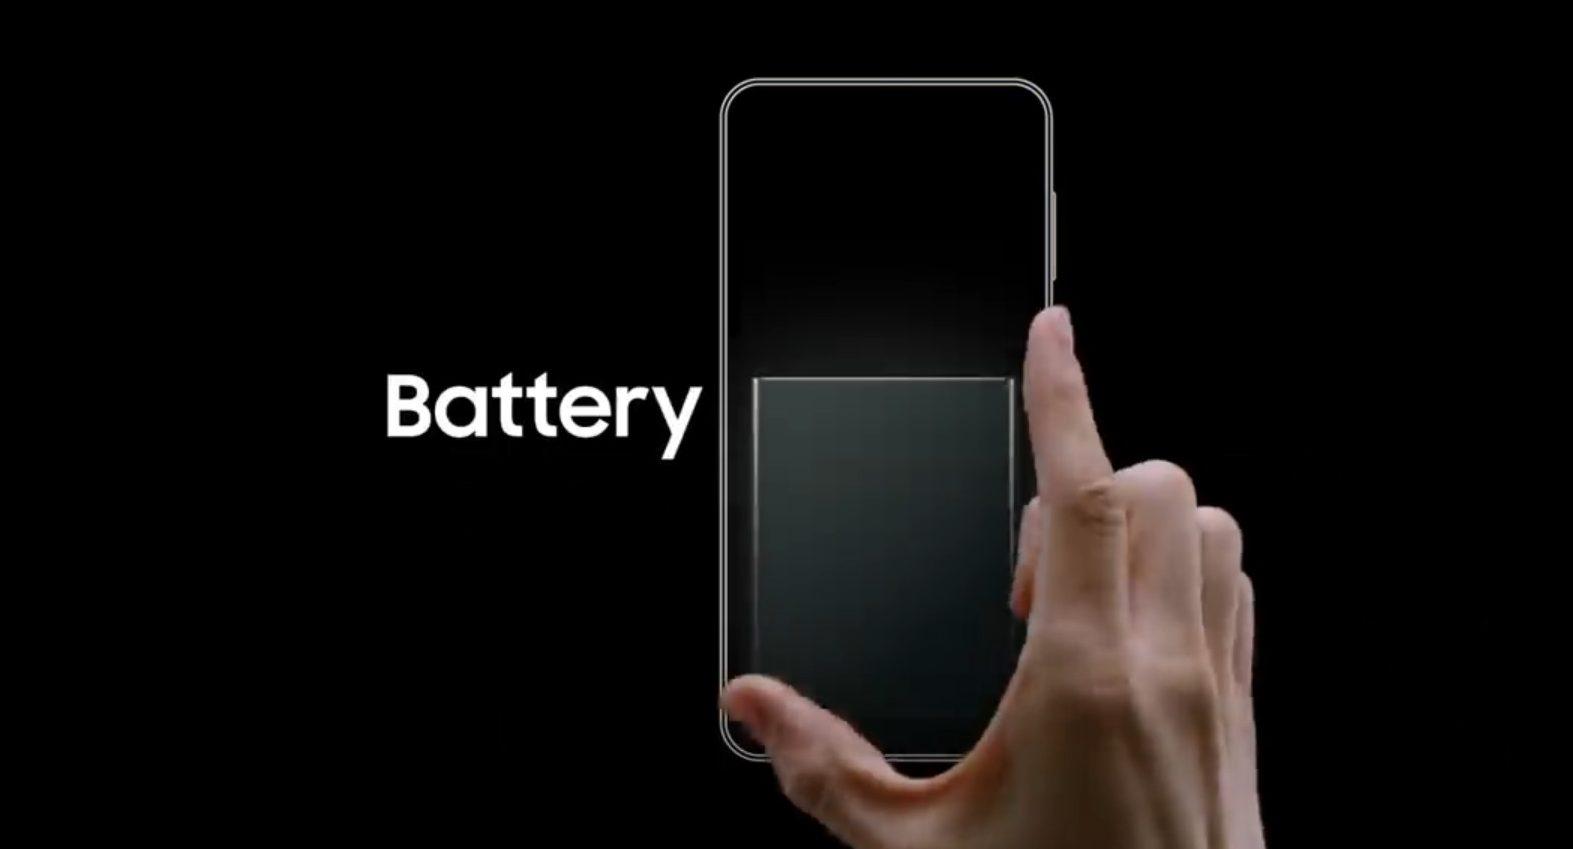 Galaxy J от Samsung больше не производится 2